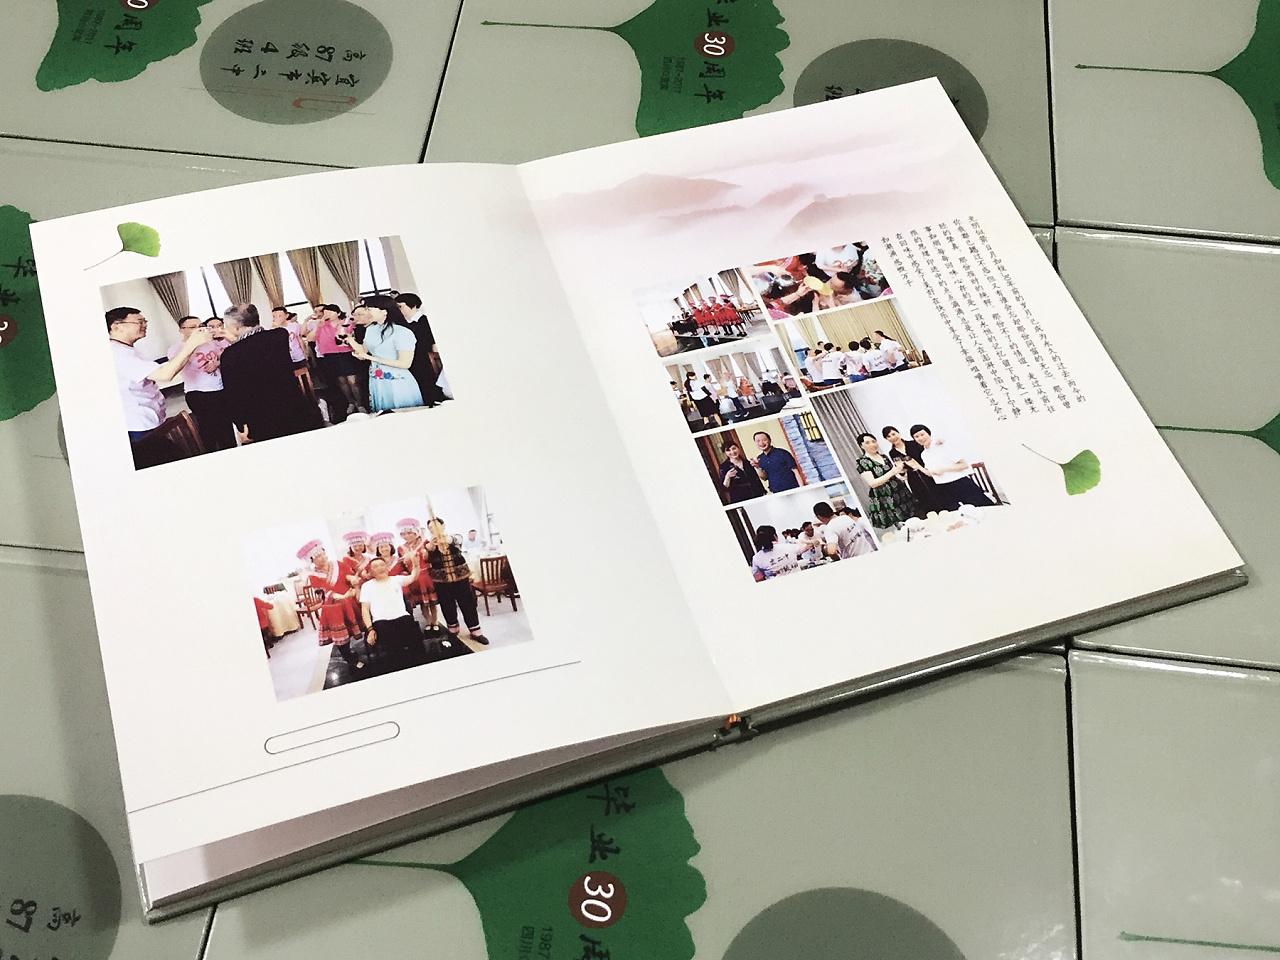 同学聚会纪念相册设计制作 纪念册定制公司 成都百铂文化图片